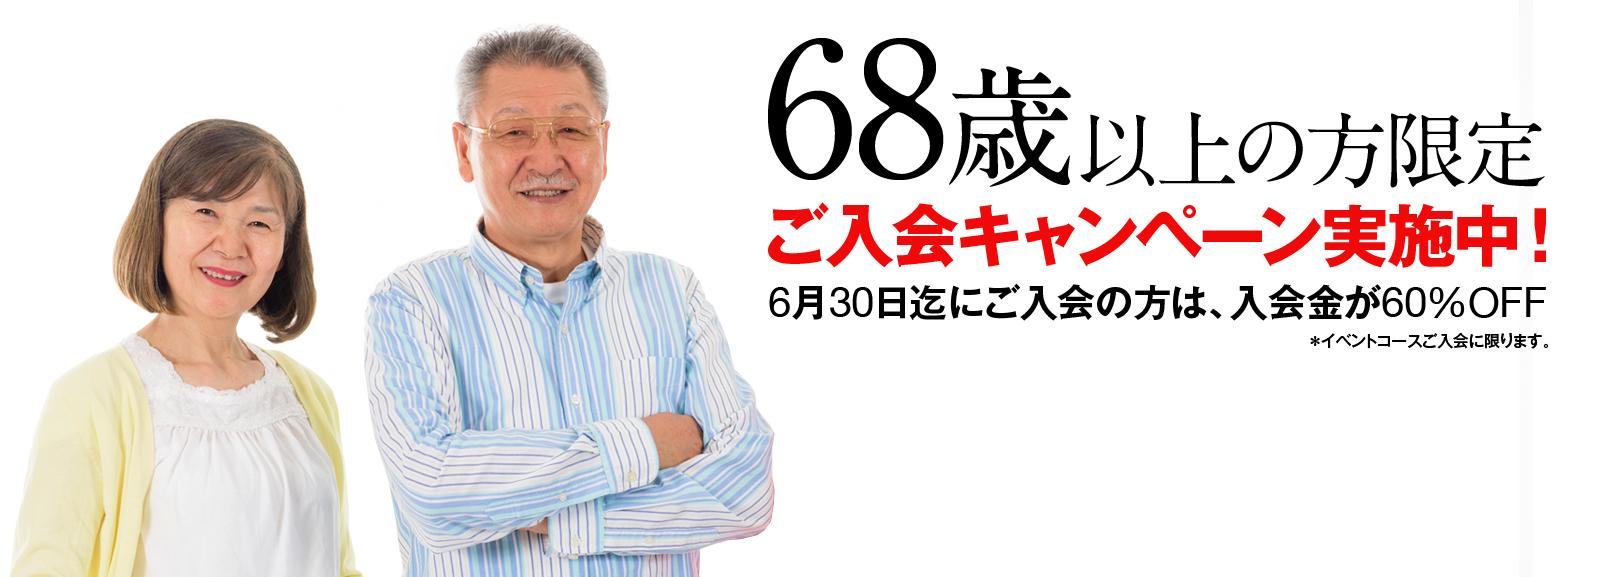 68歳の方限定キャンペーン実施中